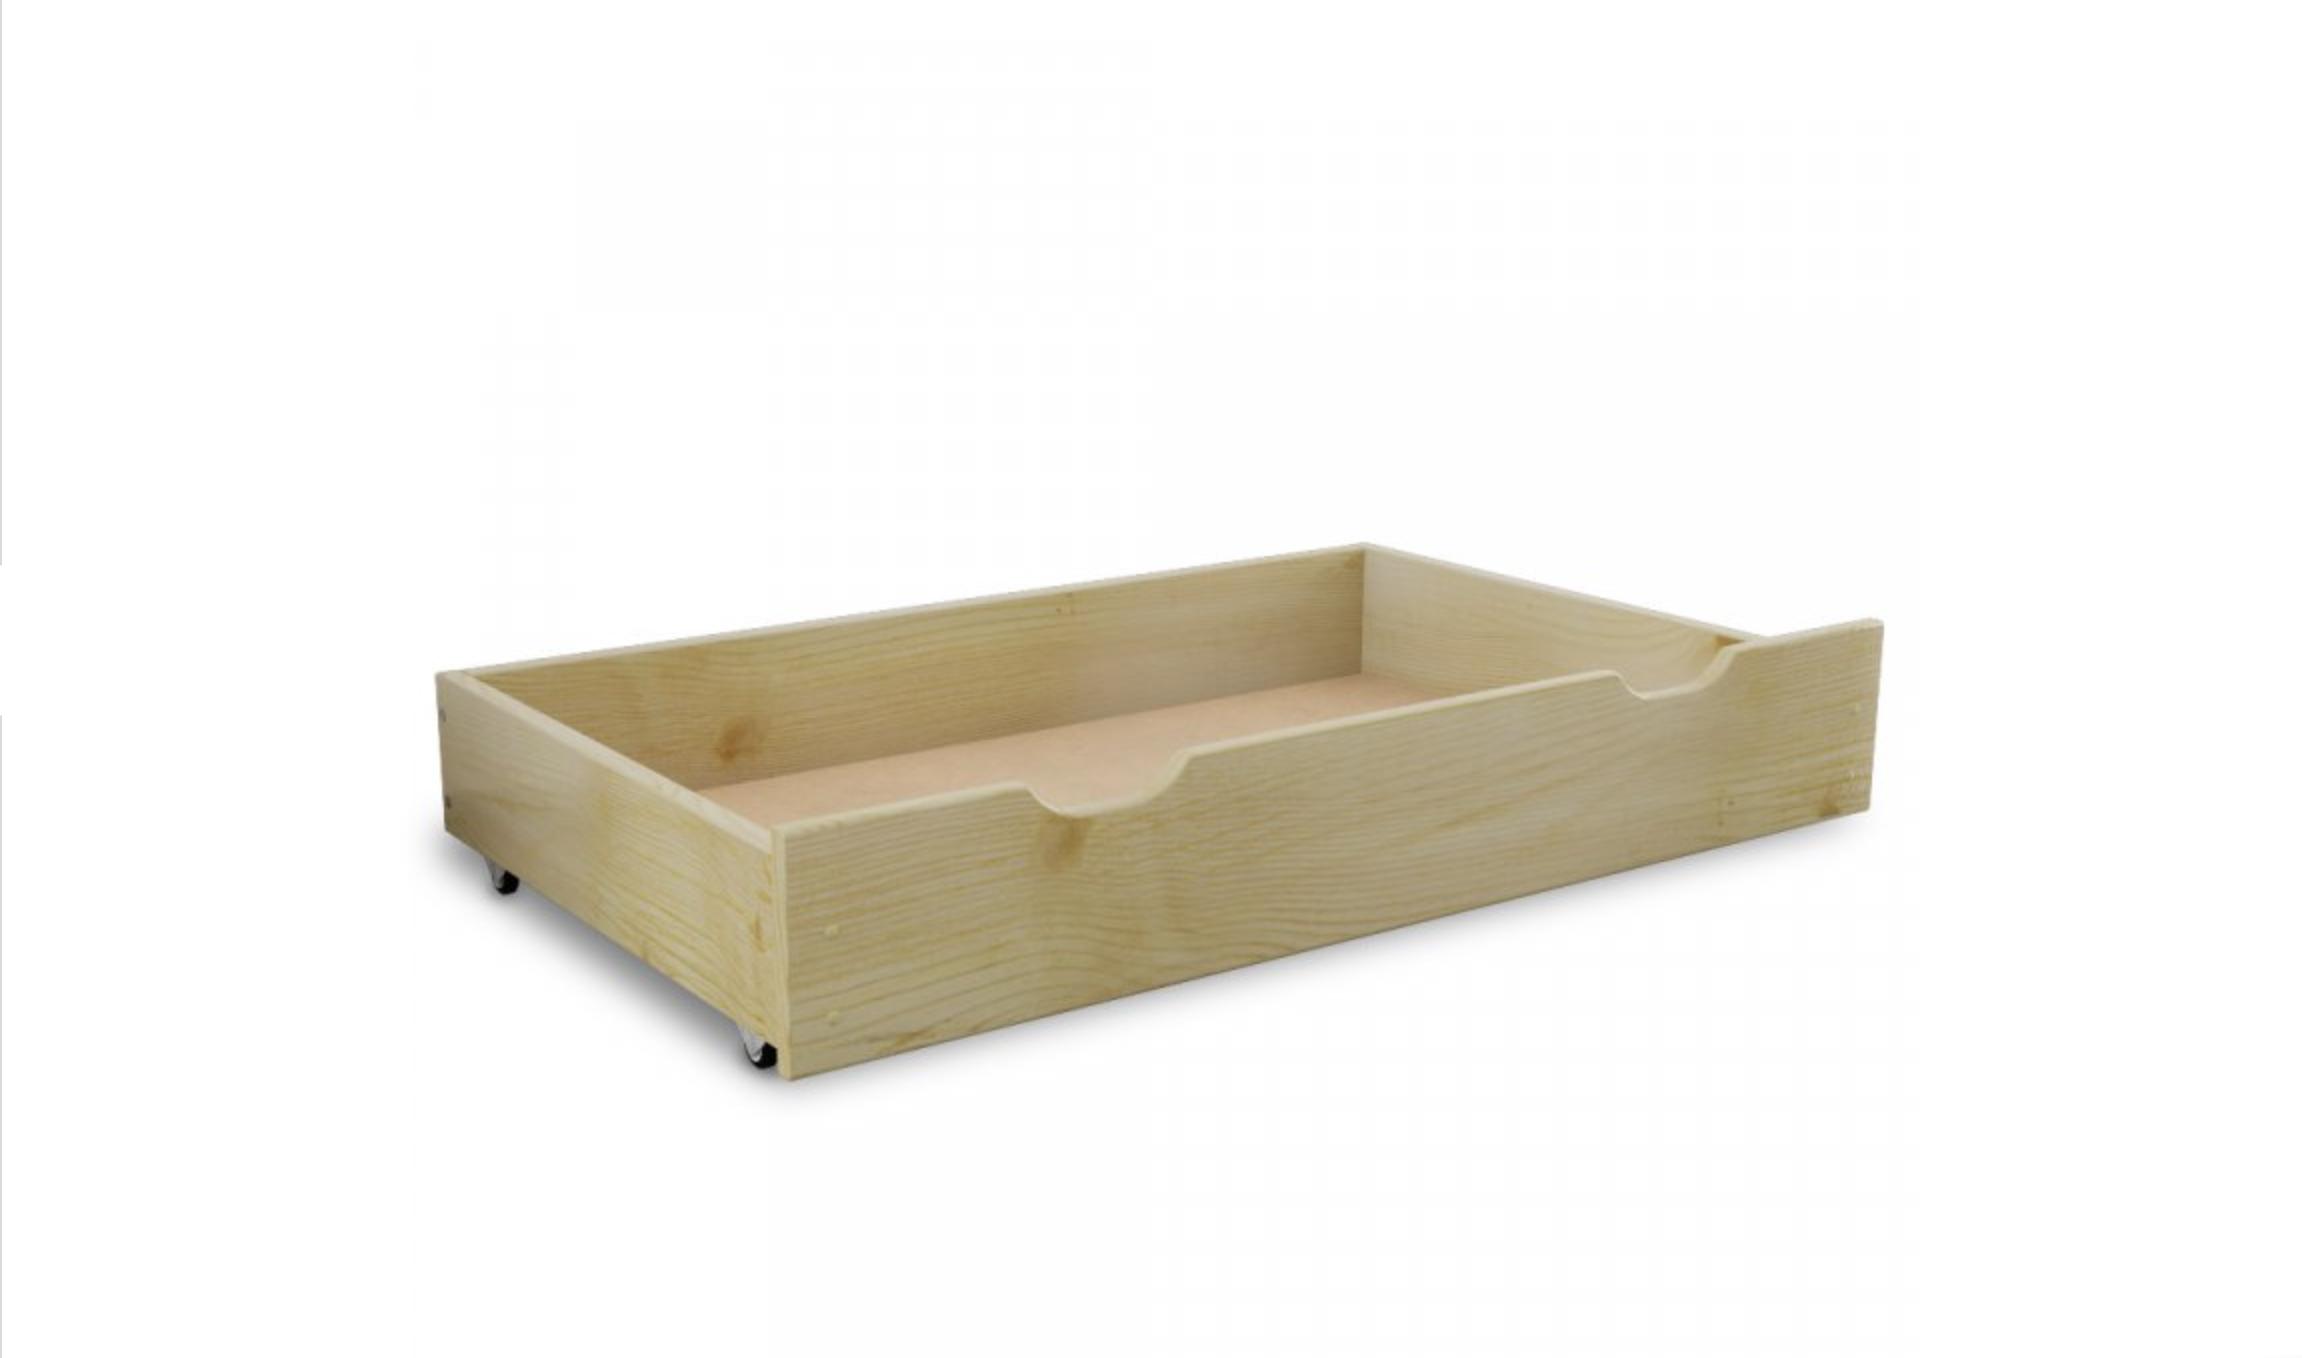 FK Šuplík pod postel z masivu 150 cm - Barva borovice